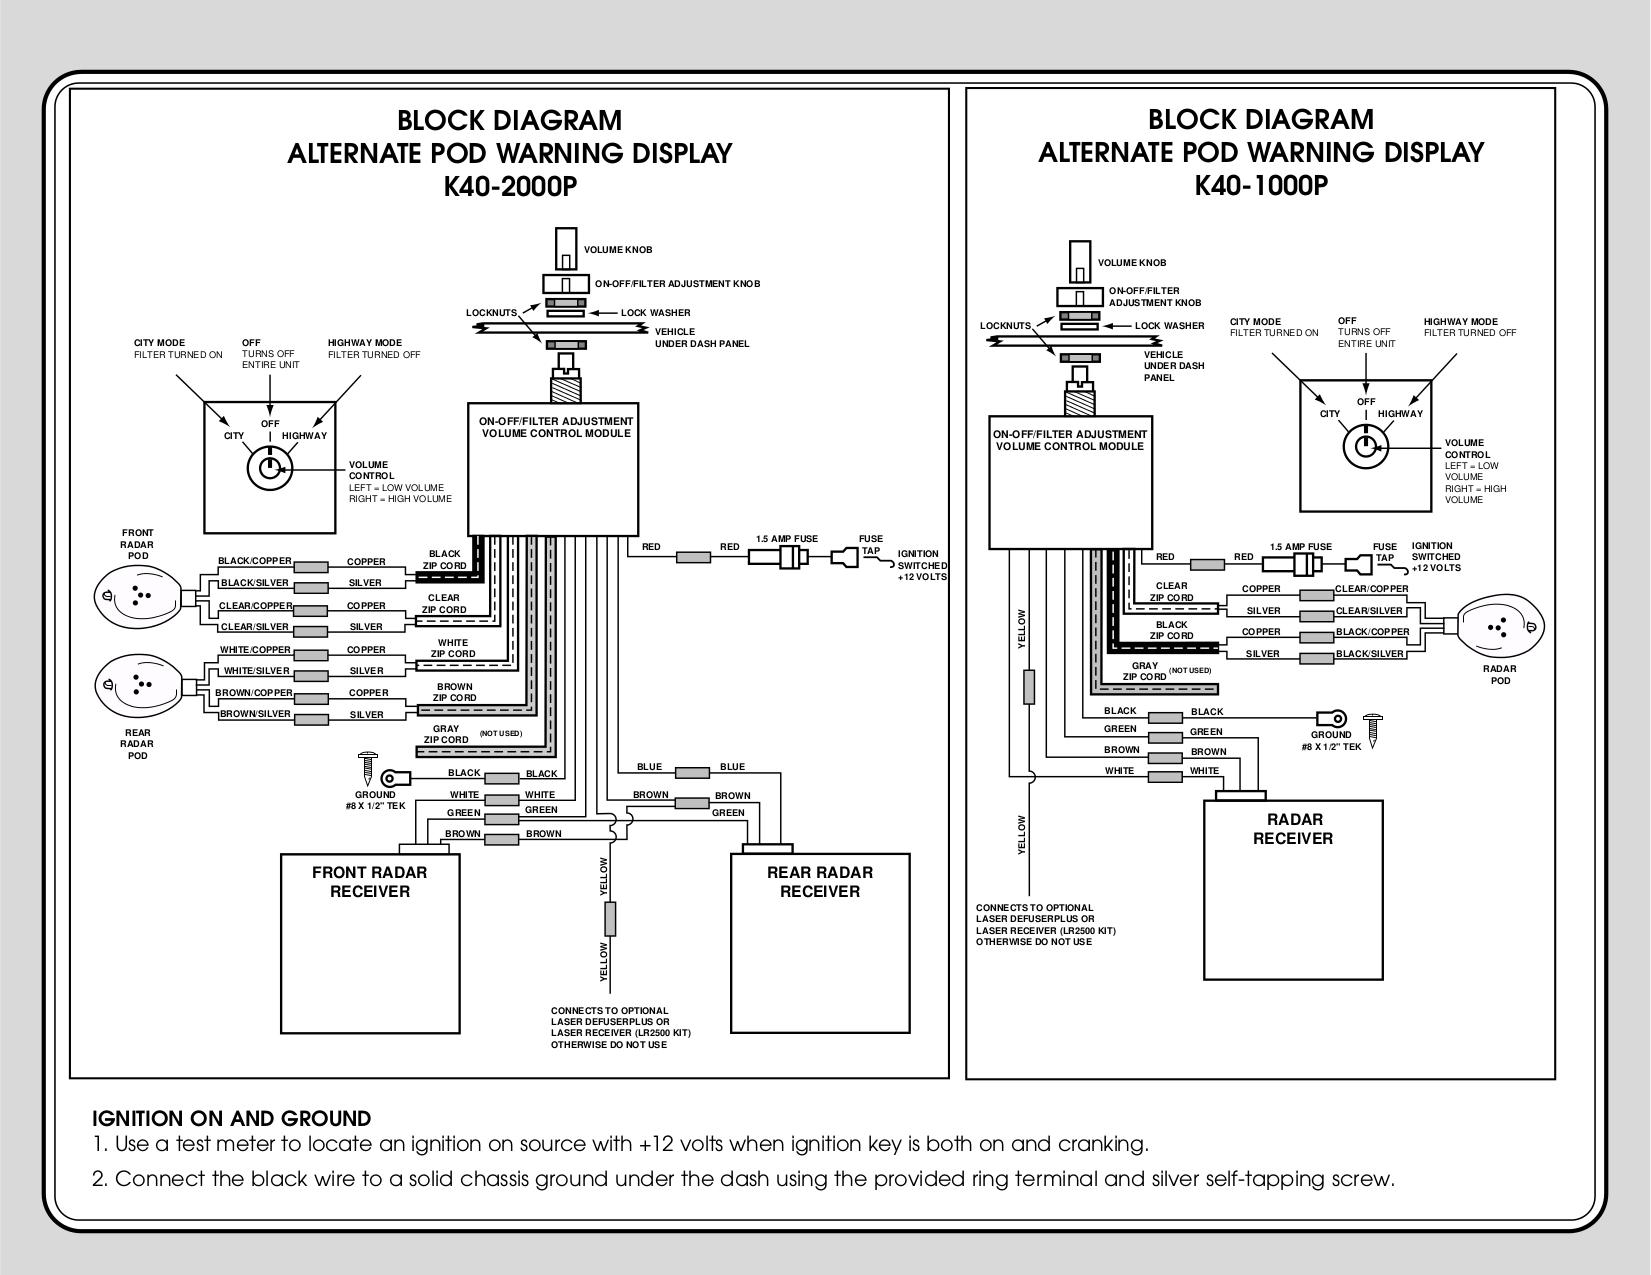 free pdf for k40 1000 radar detector manual